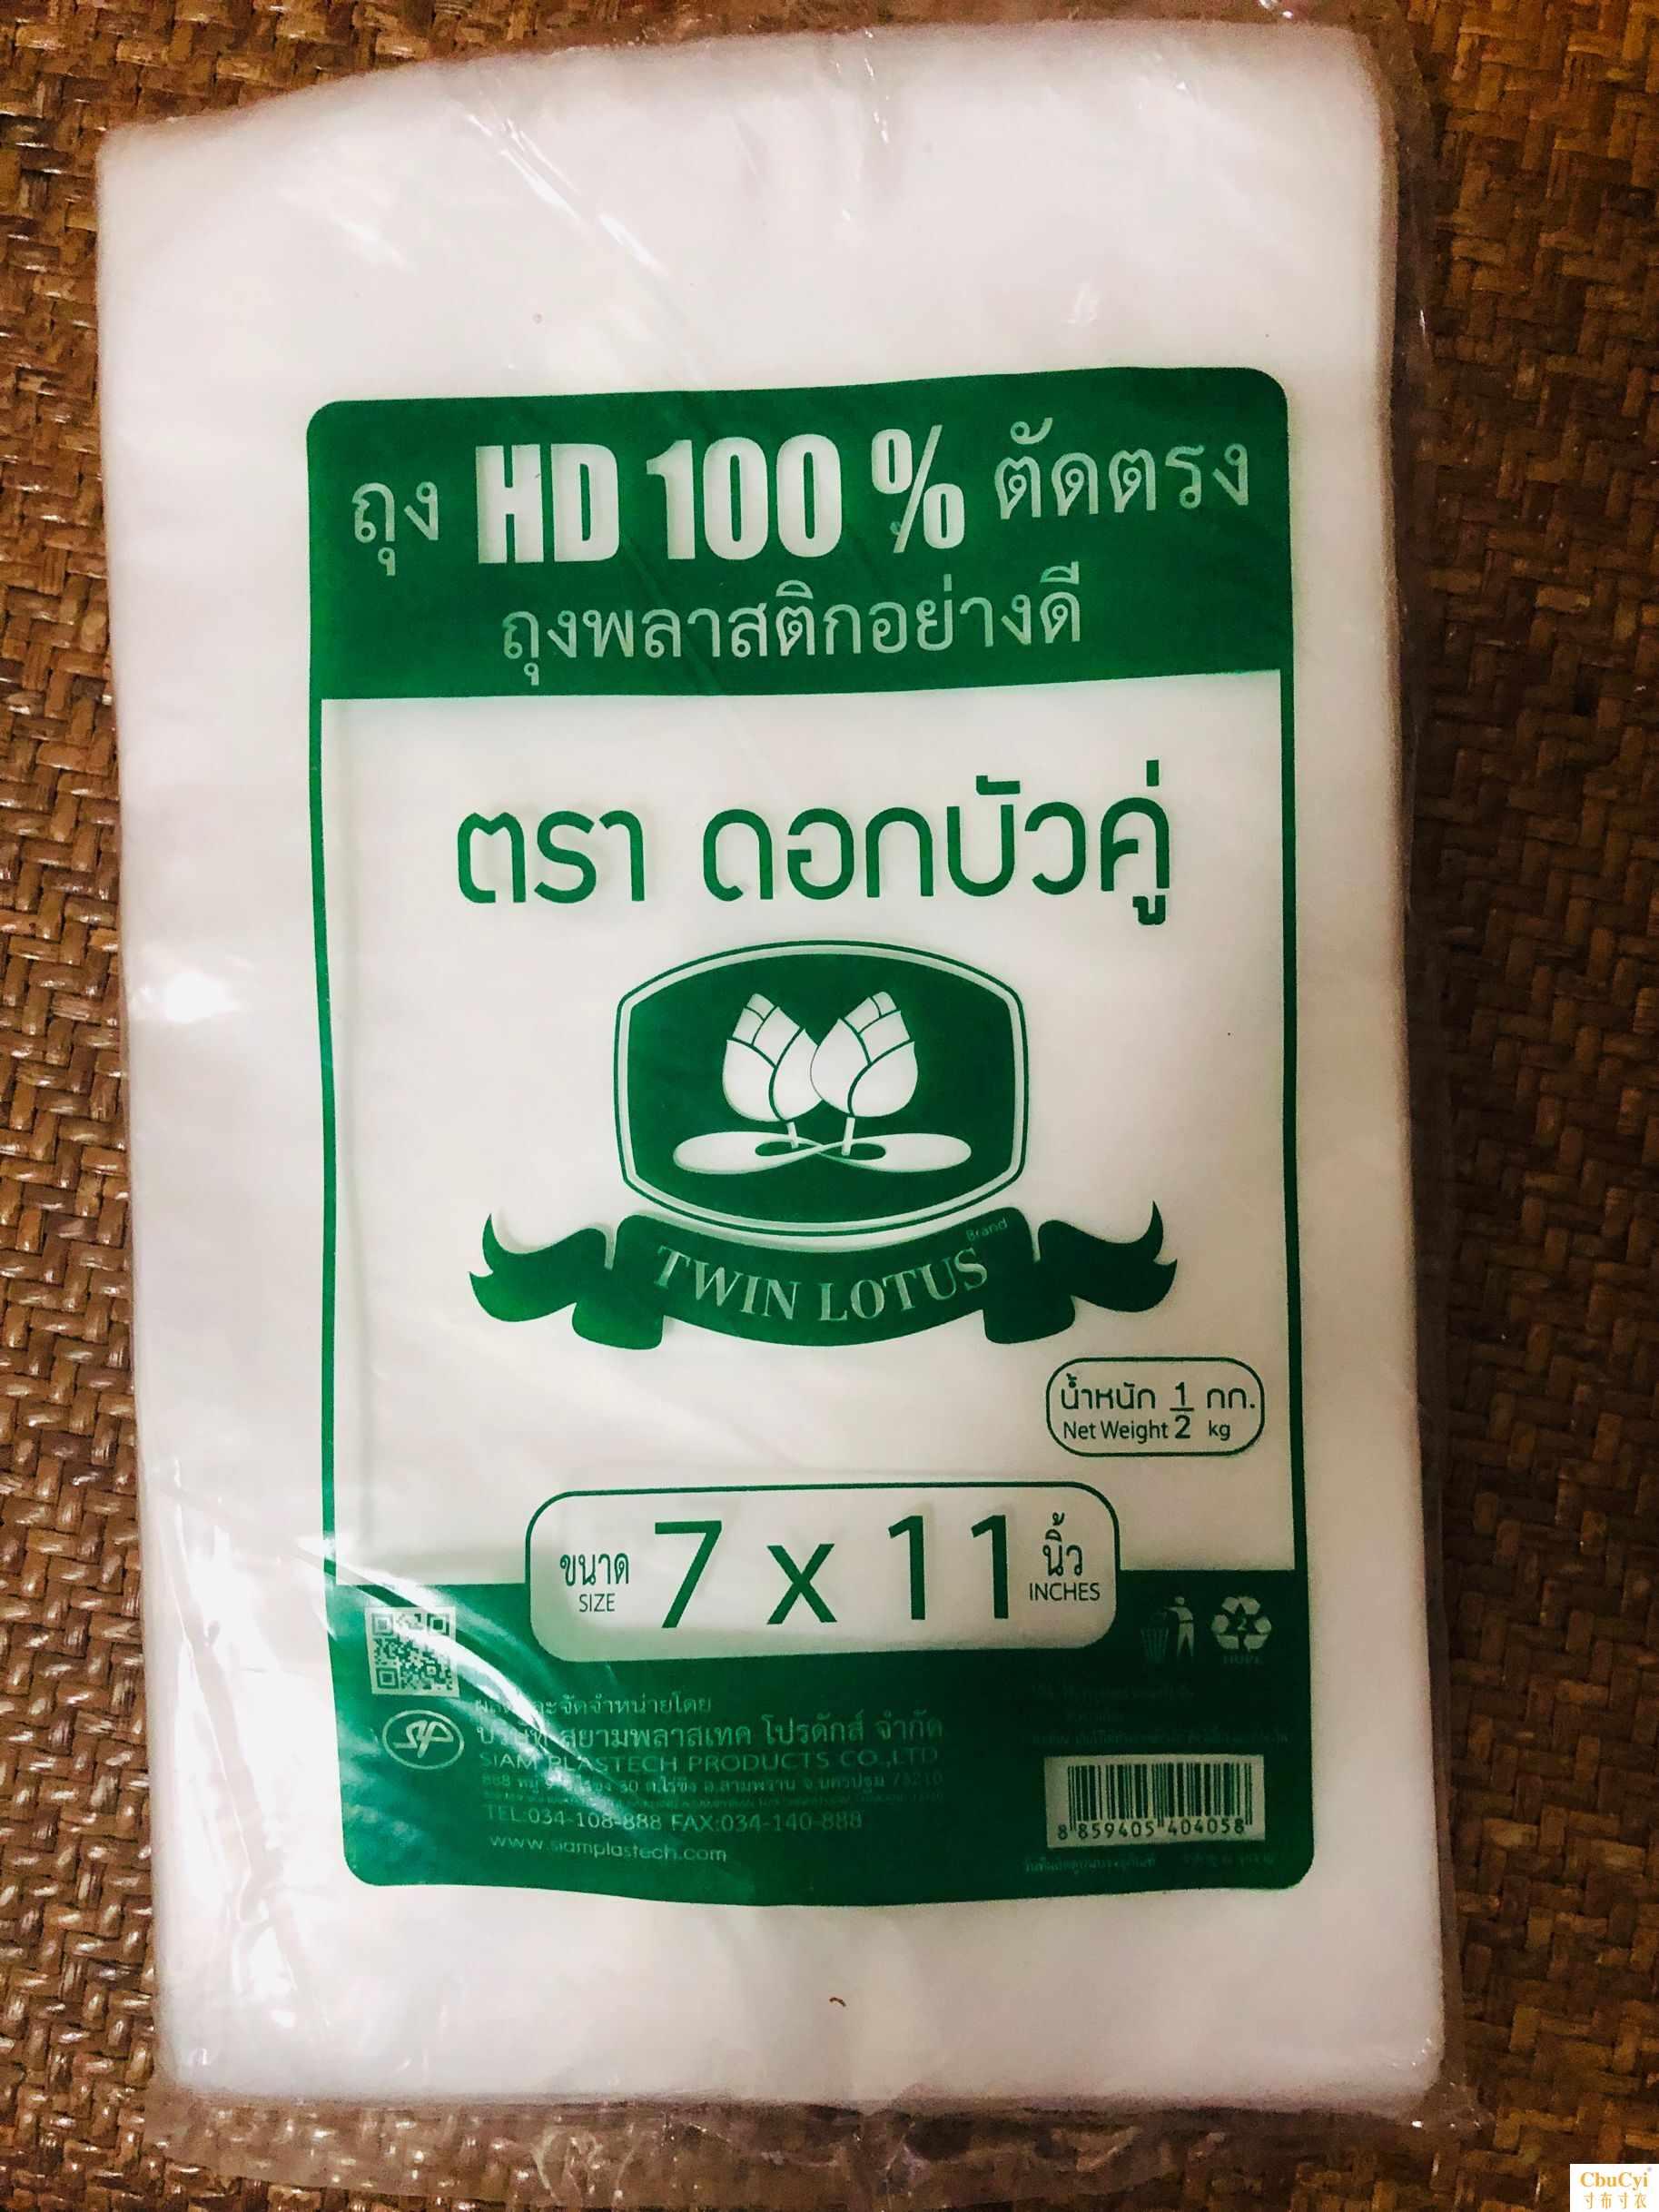 老挝咖啡袋 手提塑料袋纸袋泰国奶茶一次性咖啡袋 东南亚饮品袋